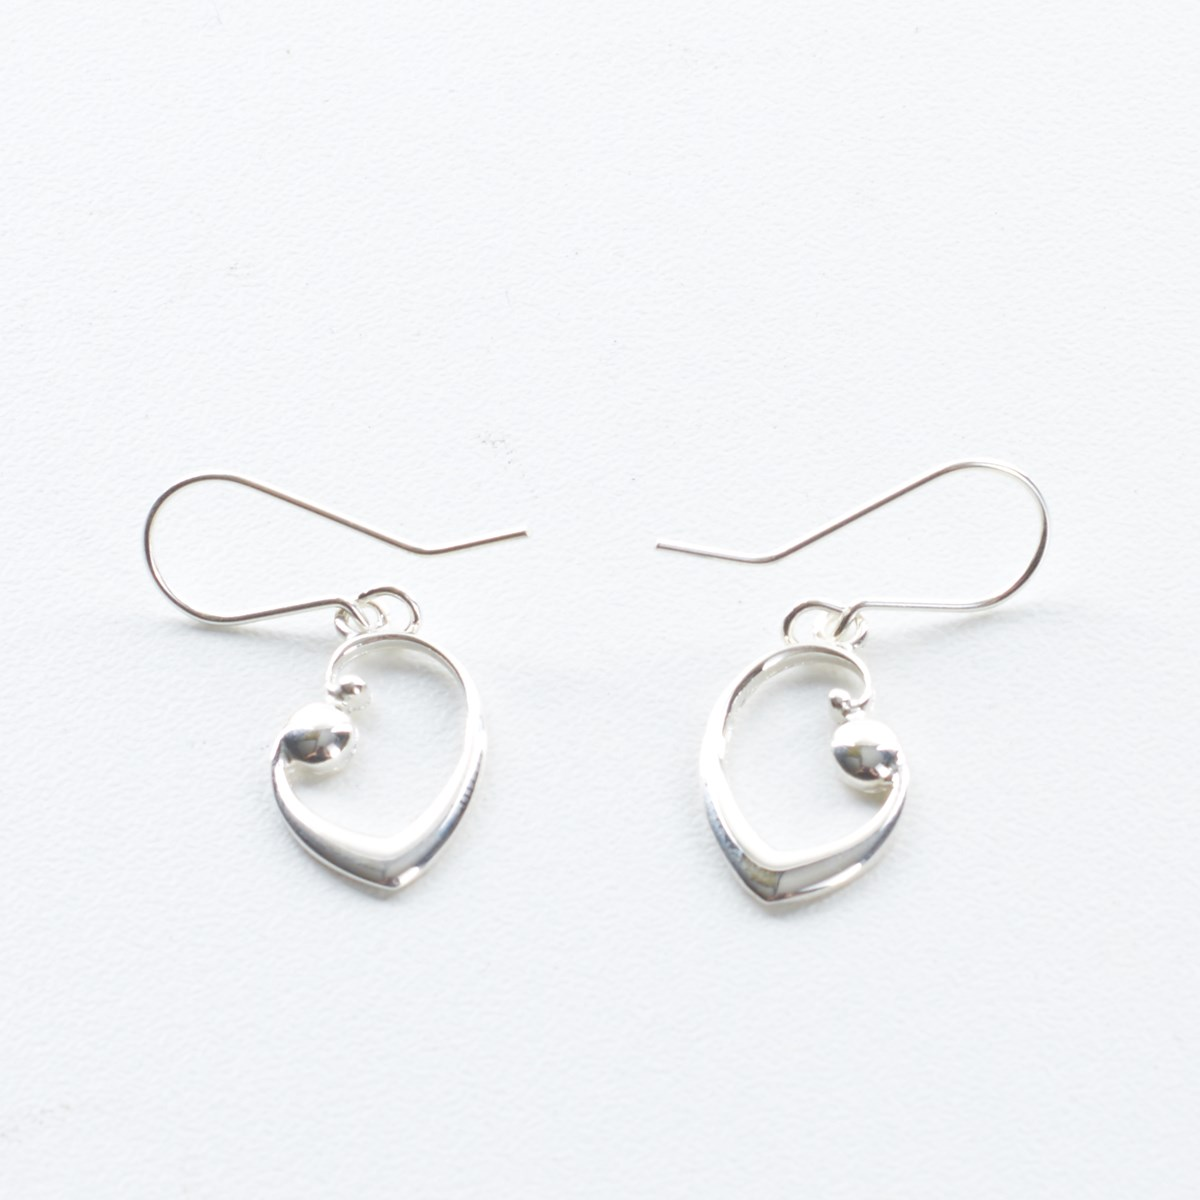 c826ec379 Sterling Silver Meira Earrings by Ortak - The Kilt Store